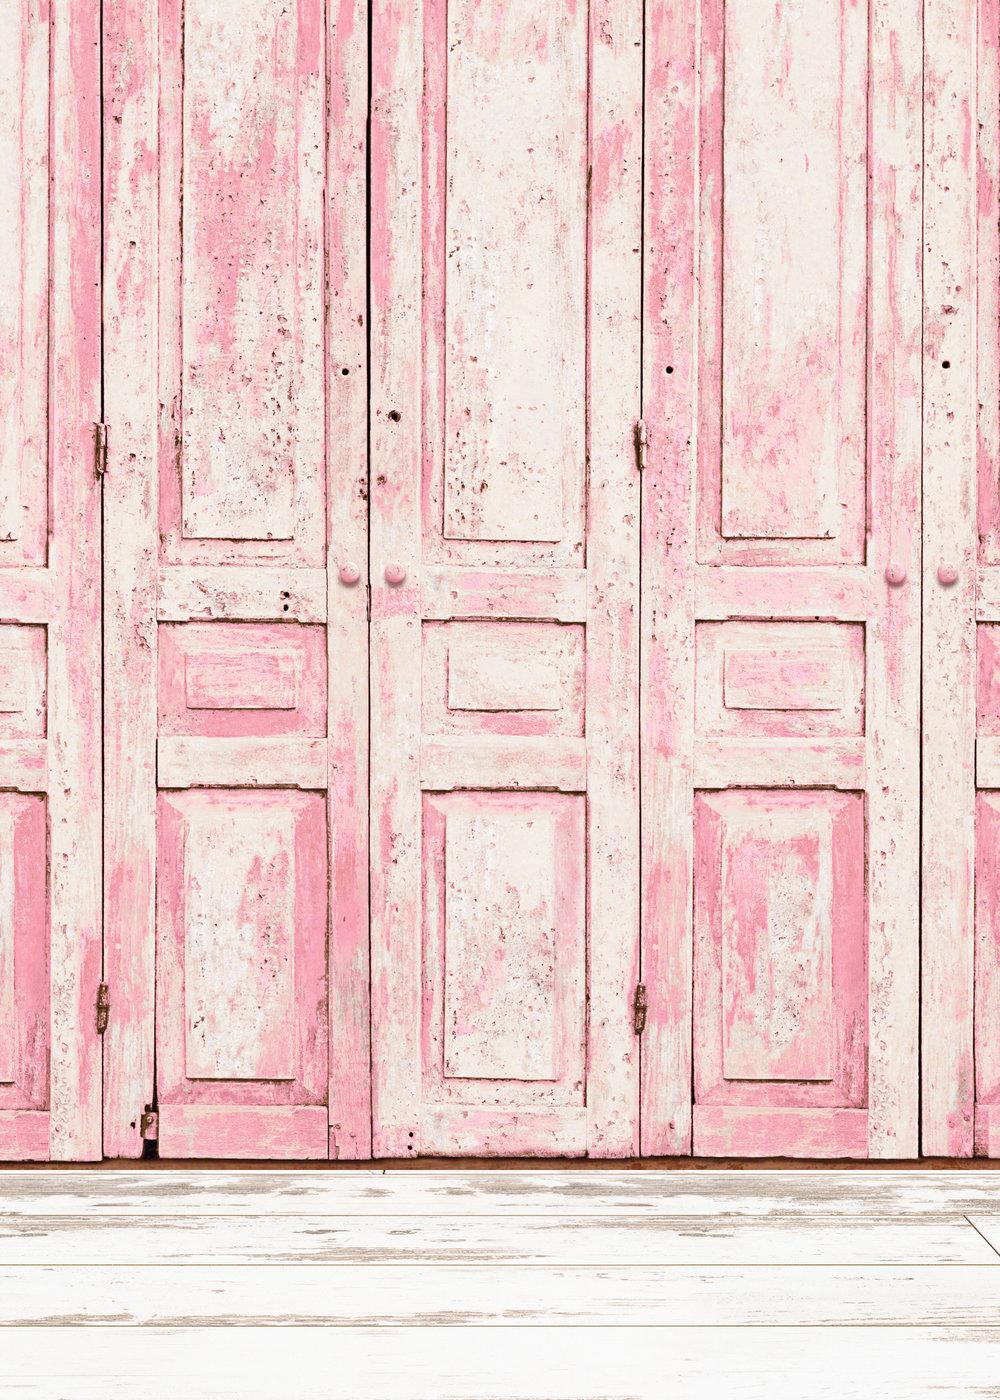 Background R - Pink Doors